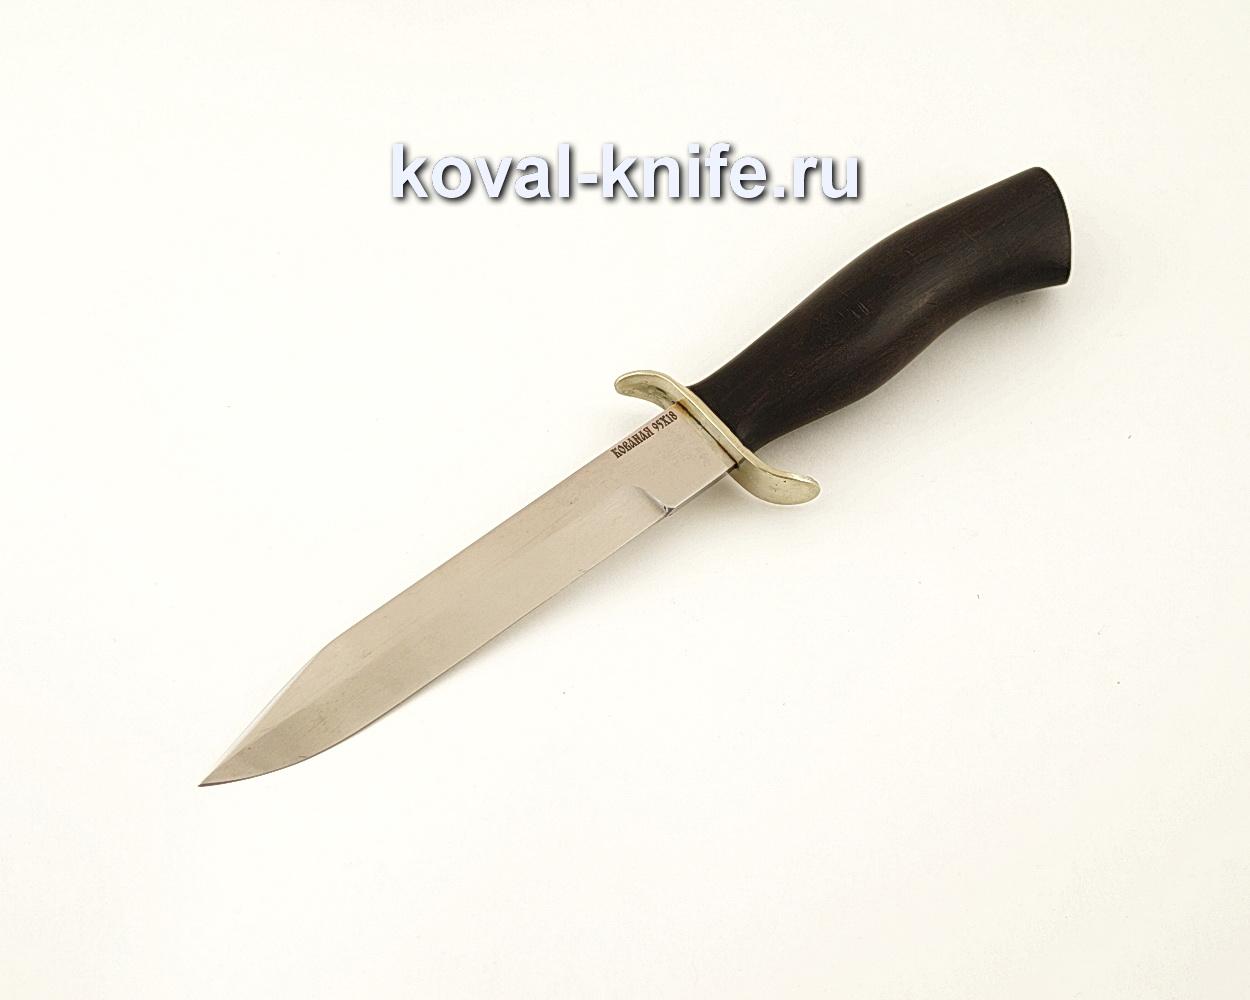 Нож Разведчика из кованой стали 95Х18 с рукоятью из черного граба  A639